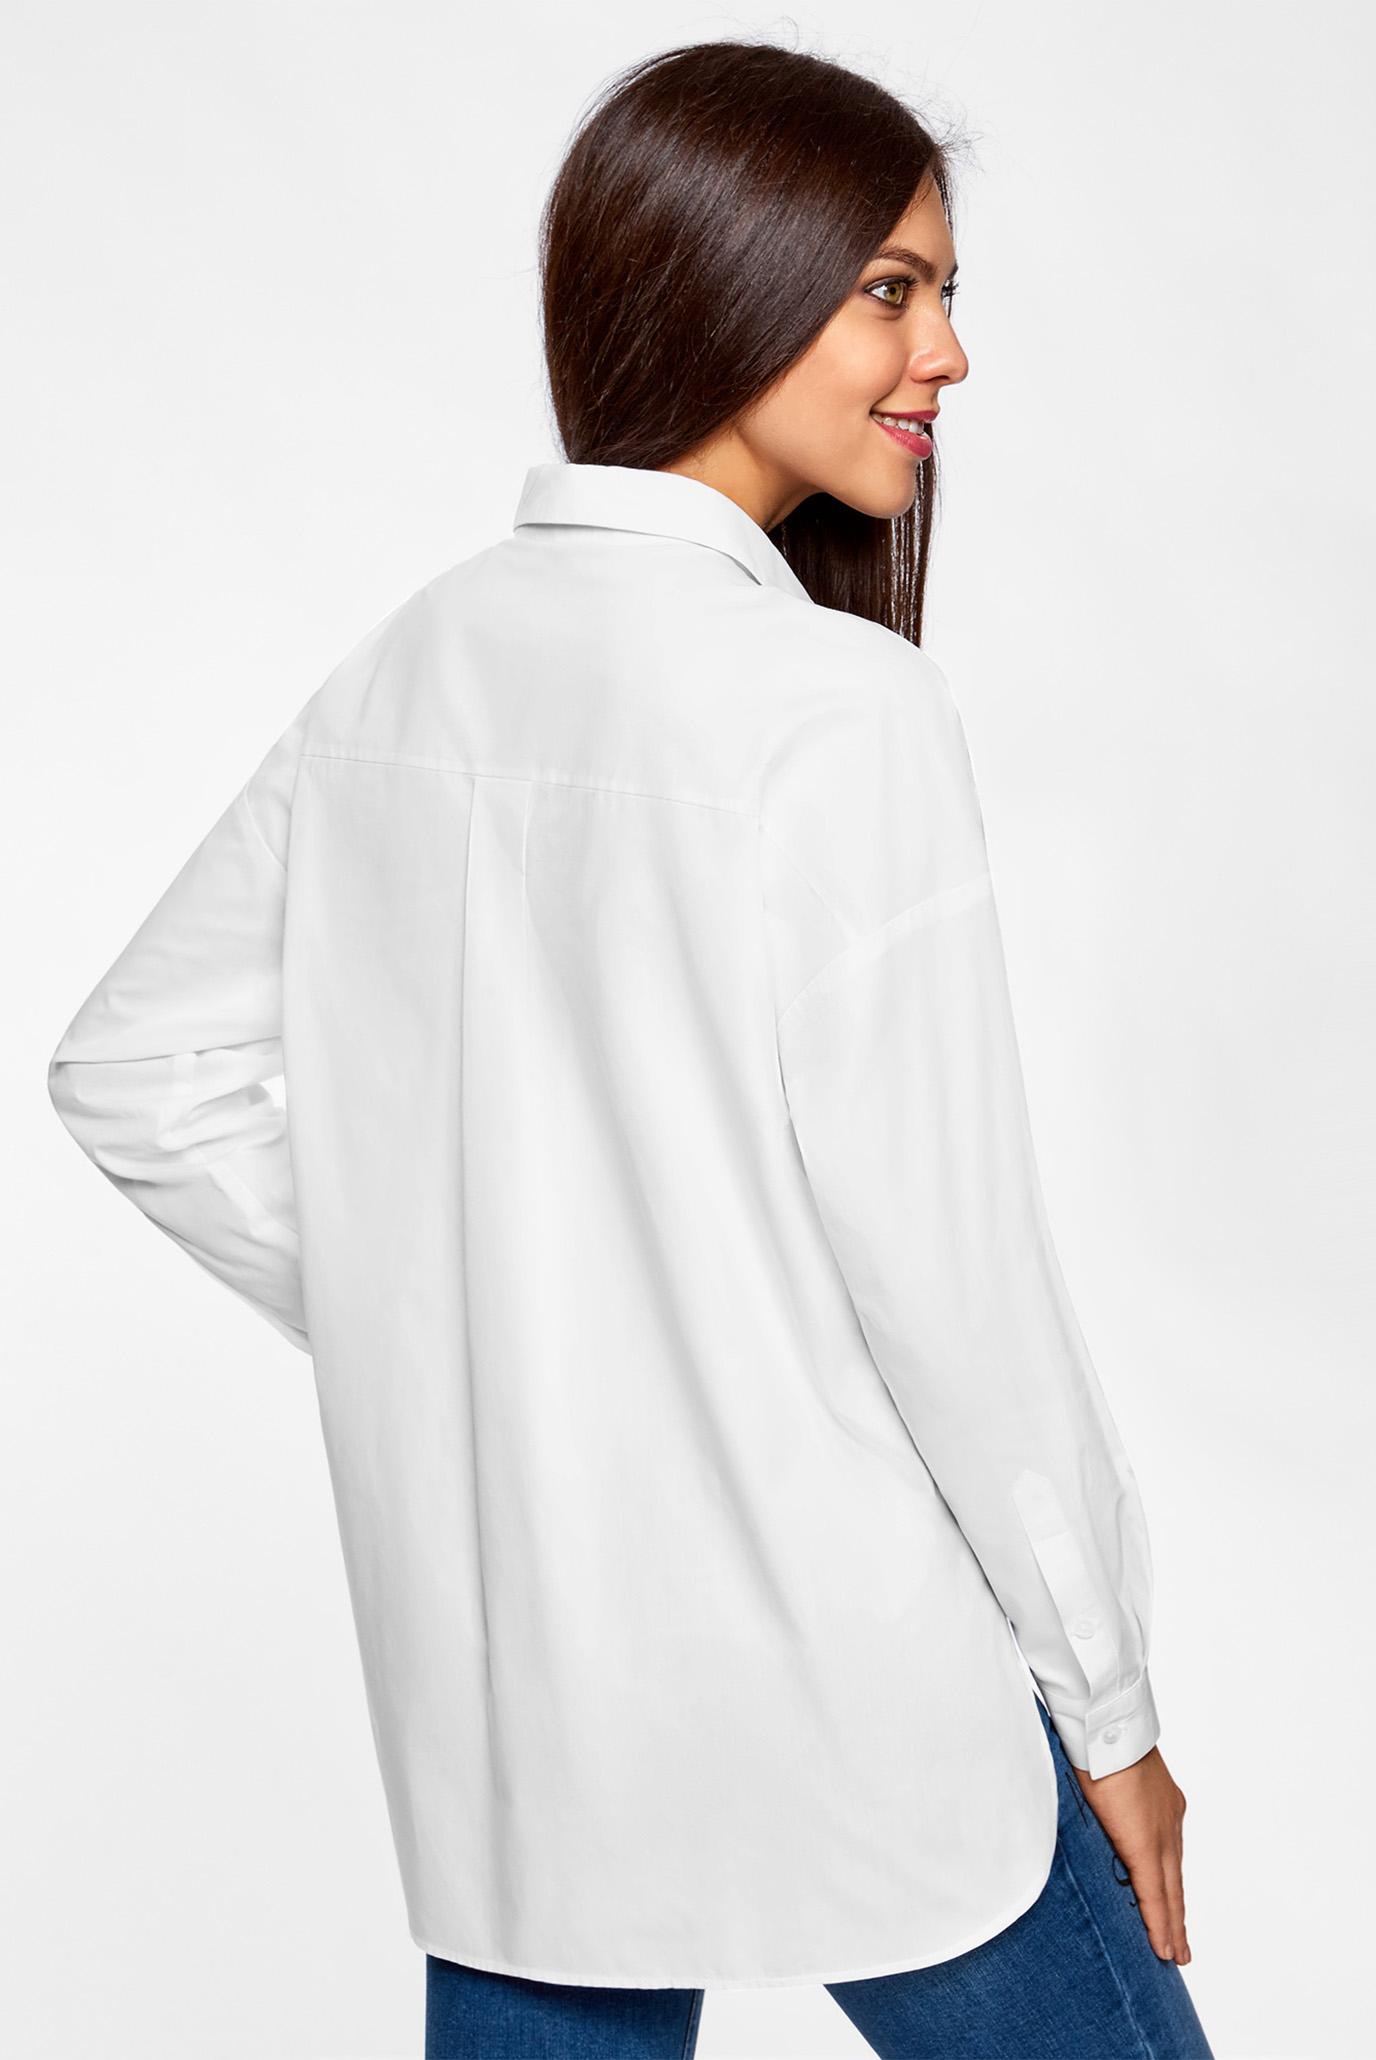 b13c74dcaf3 Купить Женская белая рубашка с патчами Oodji Oodji 11411165 36217 1000N –  Киев